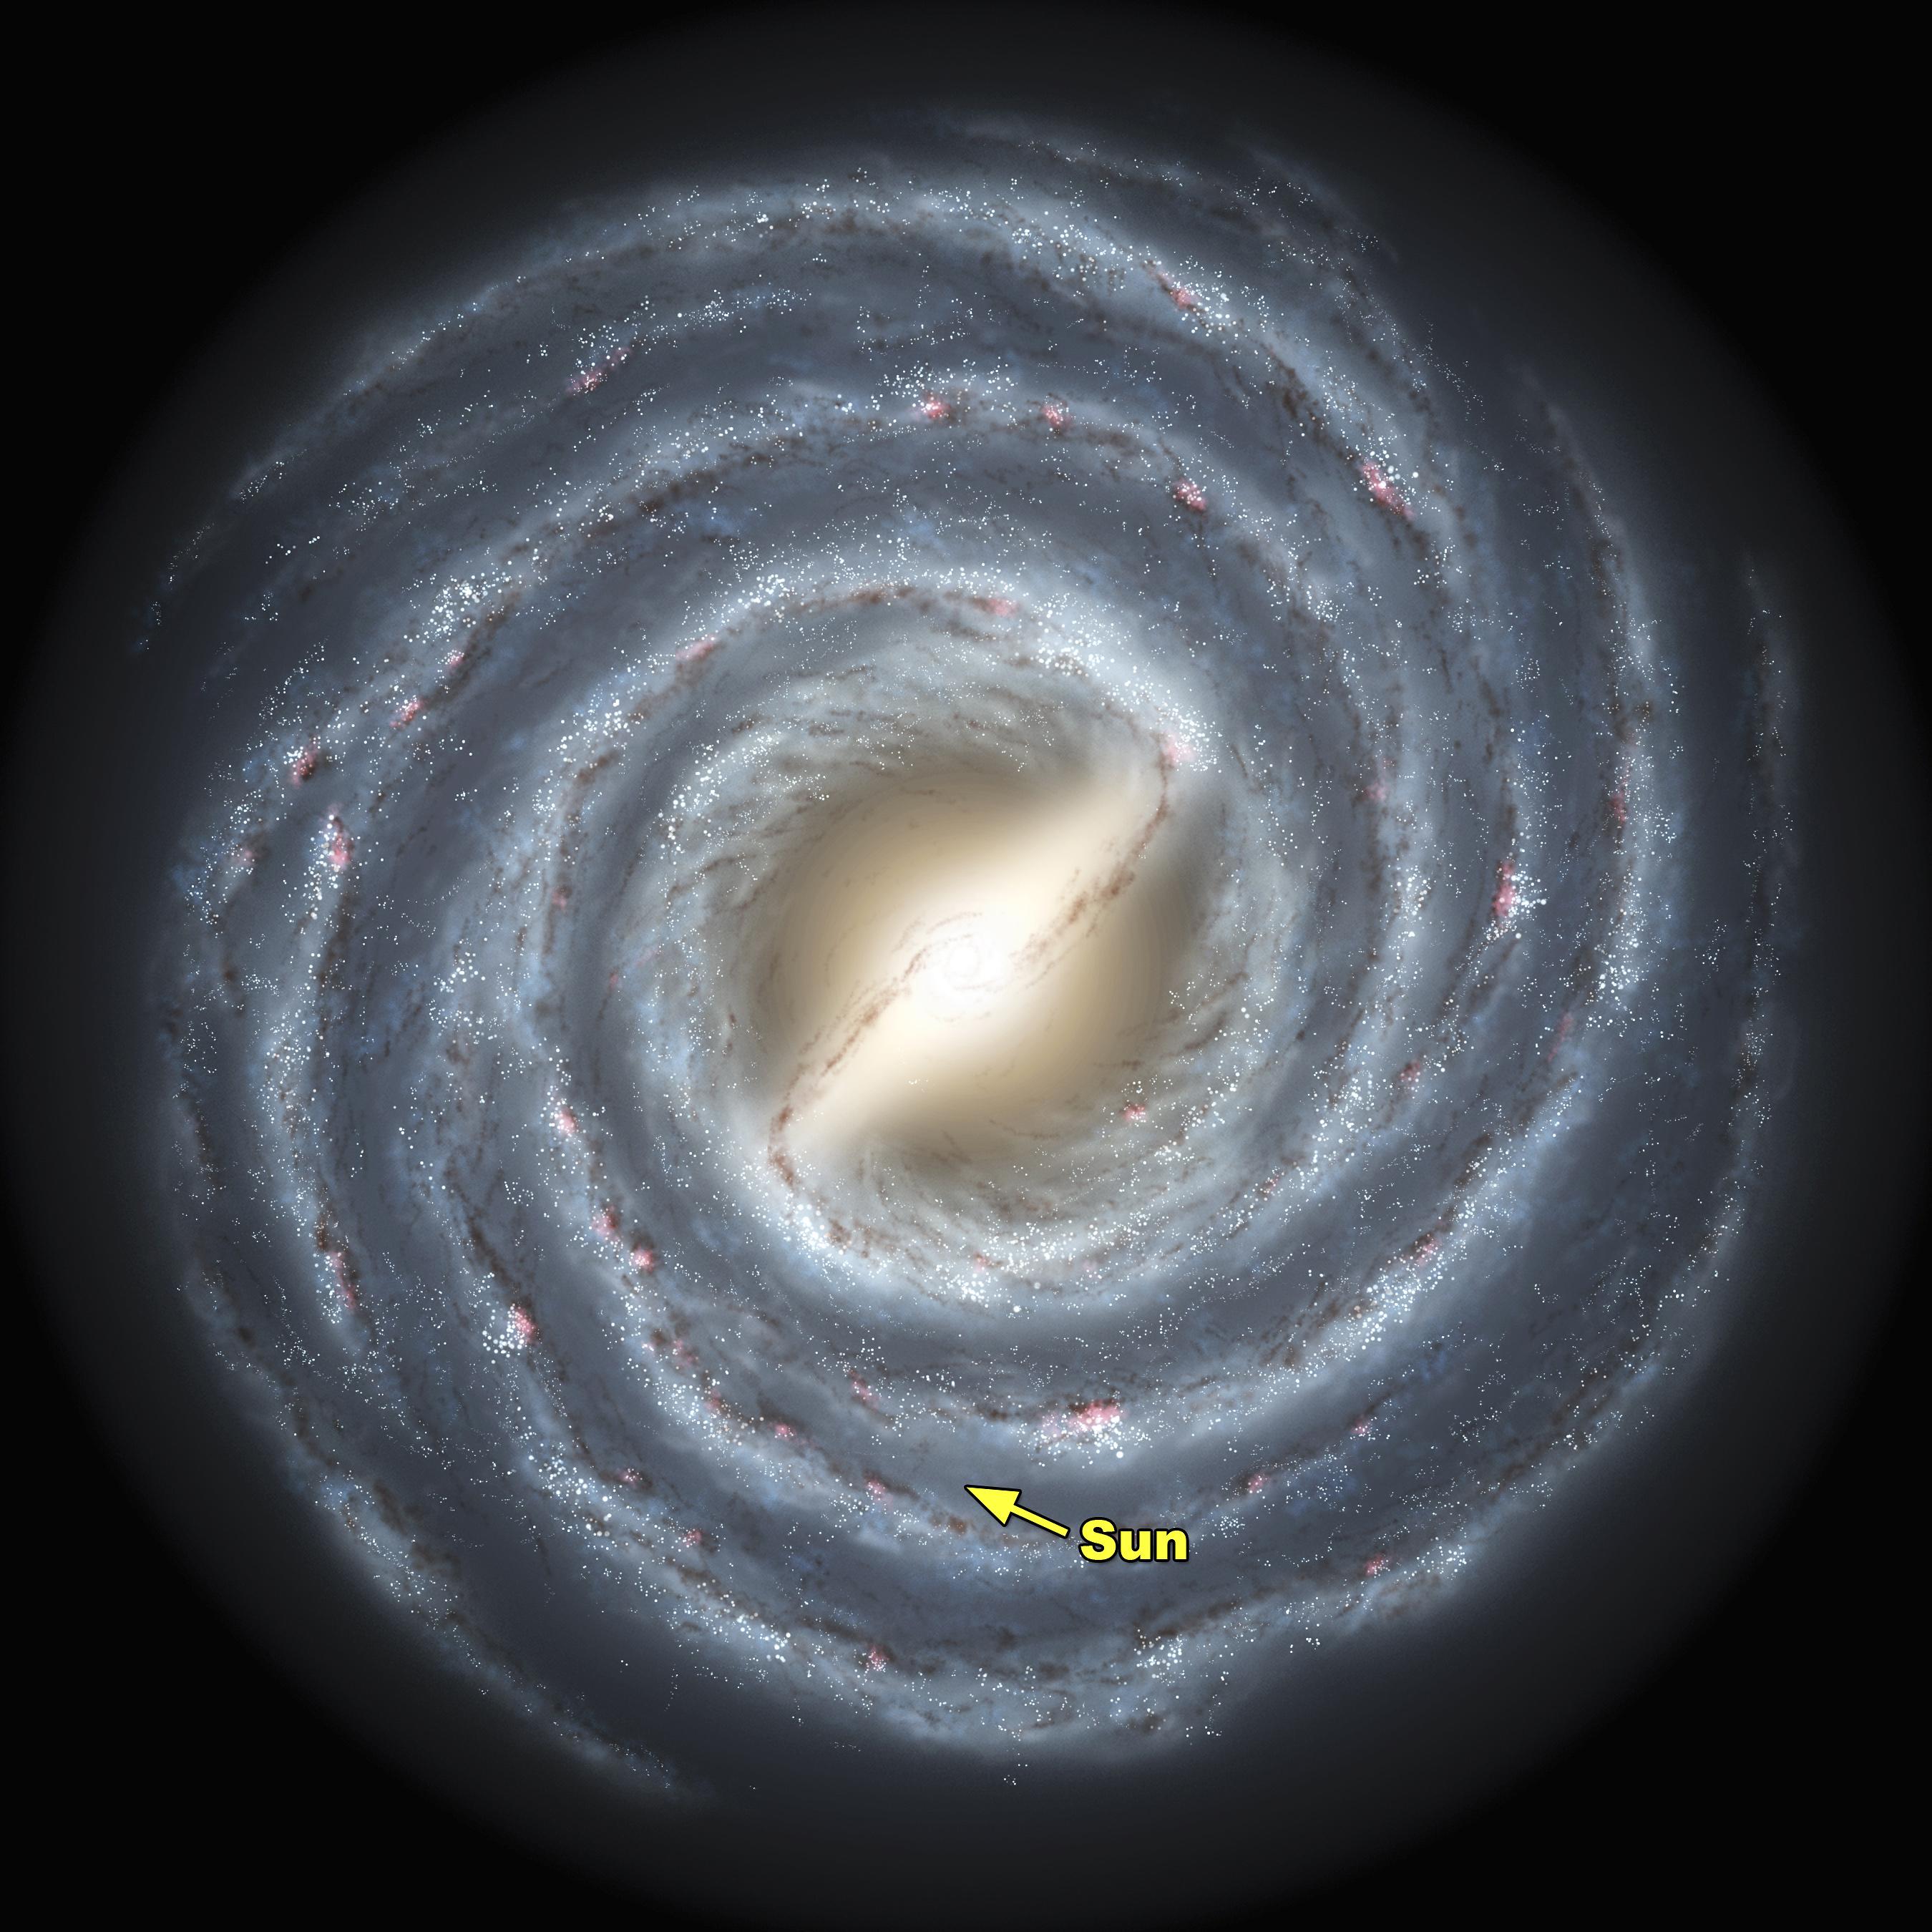 terra nova quasar